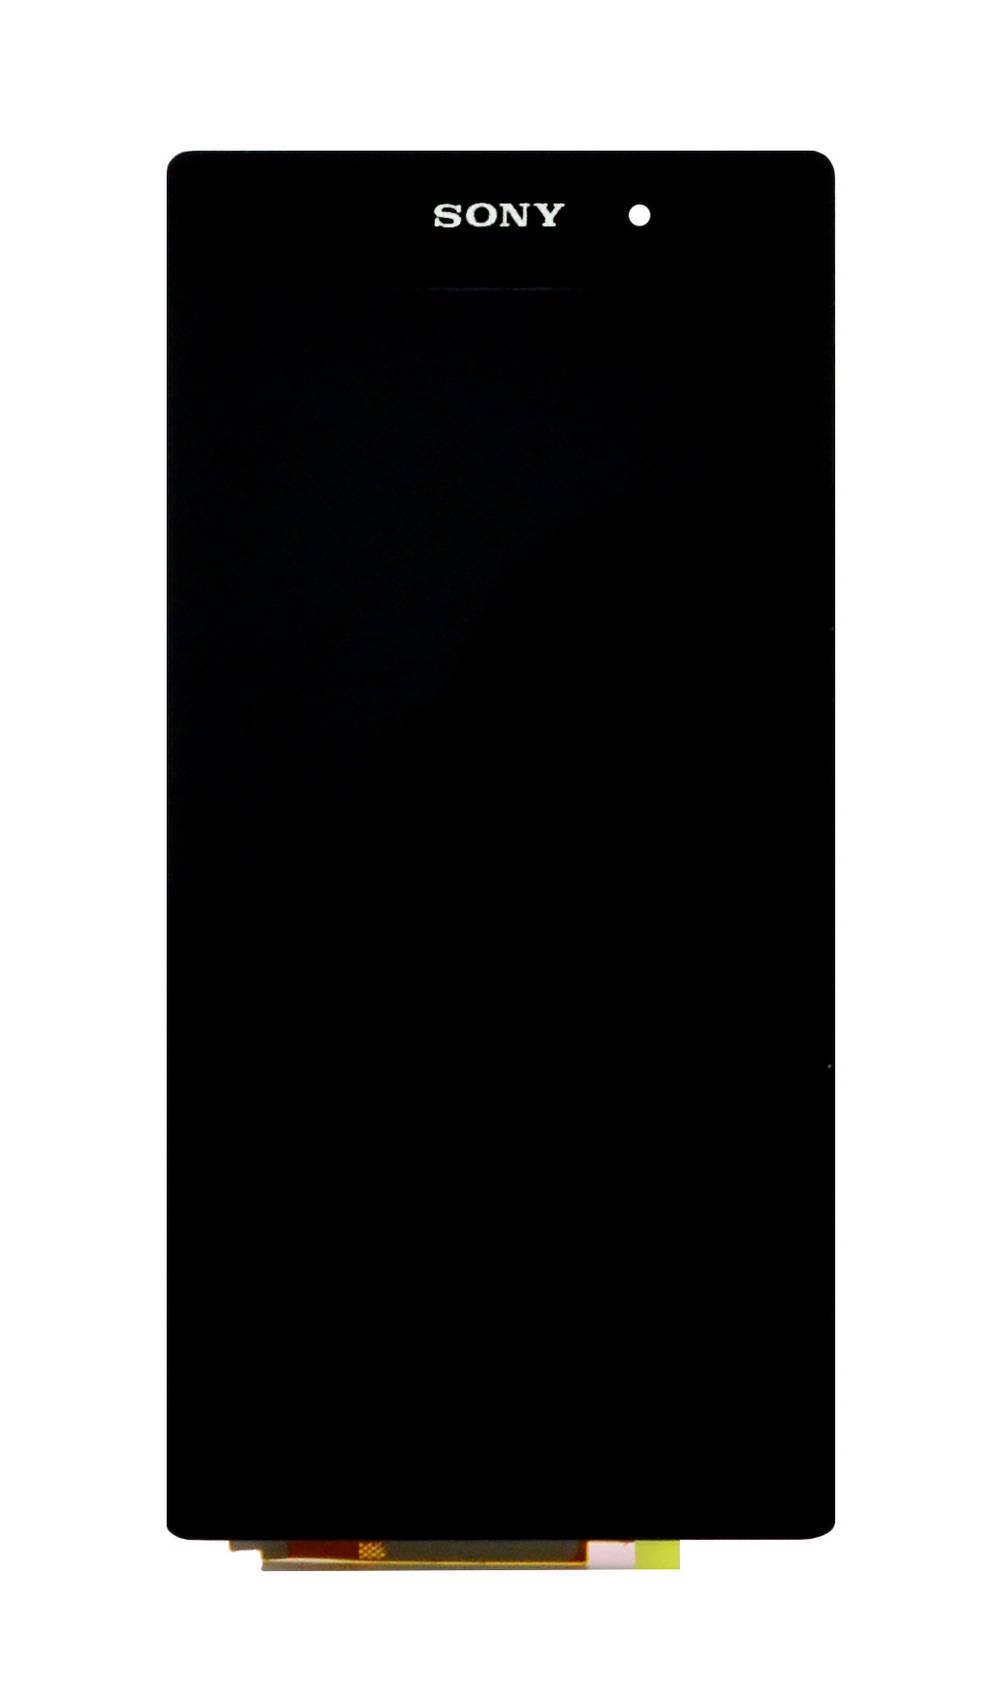 Γνήσια Οθόνη & Μηχανισμός Αφής Sony Xperia Z2 Μαύρο χωρίς Πλαίσιο